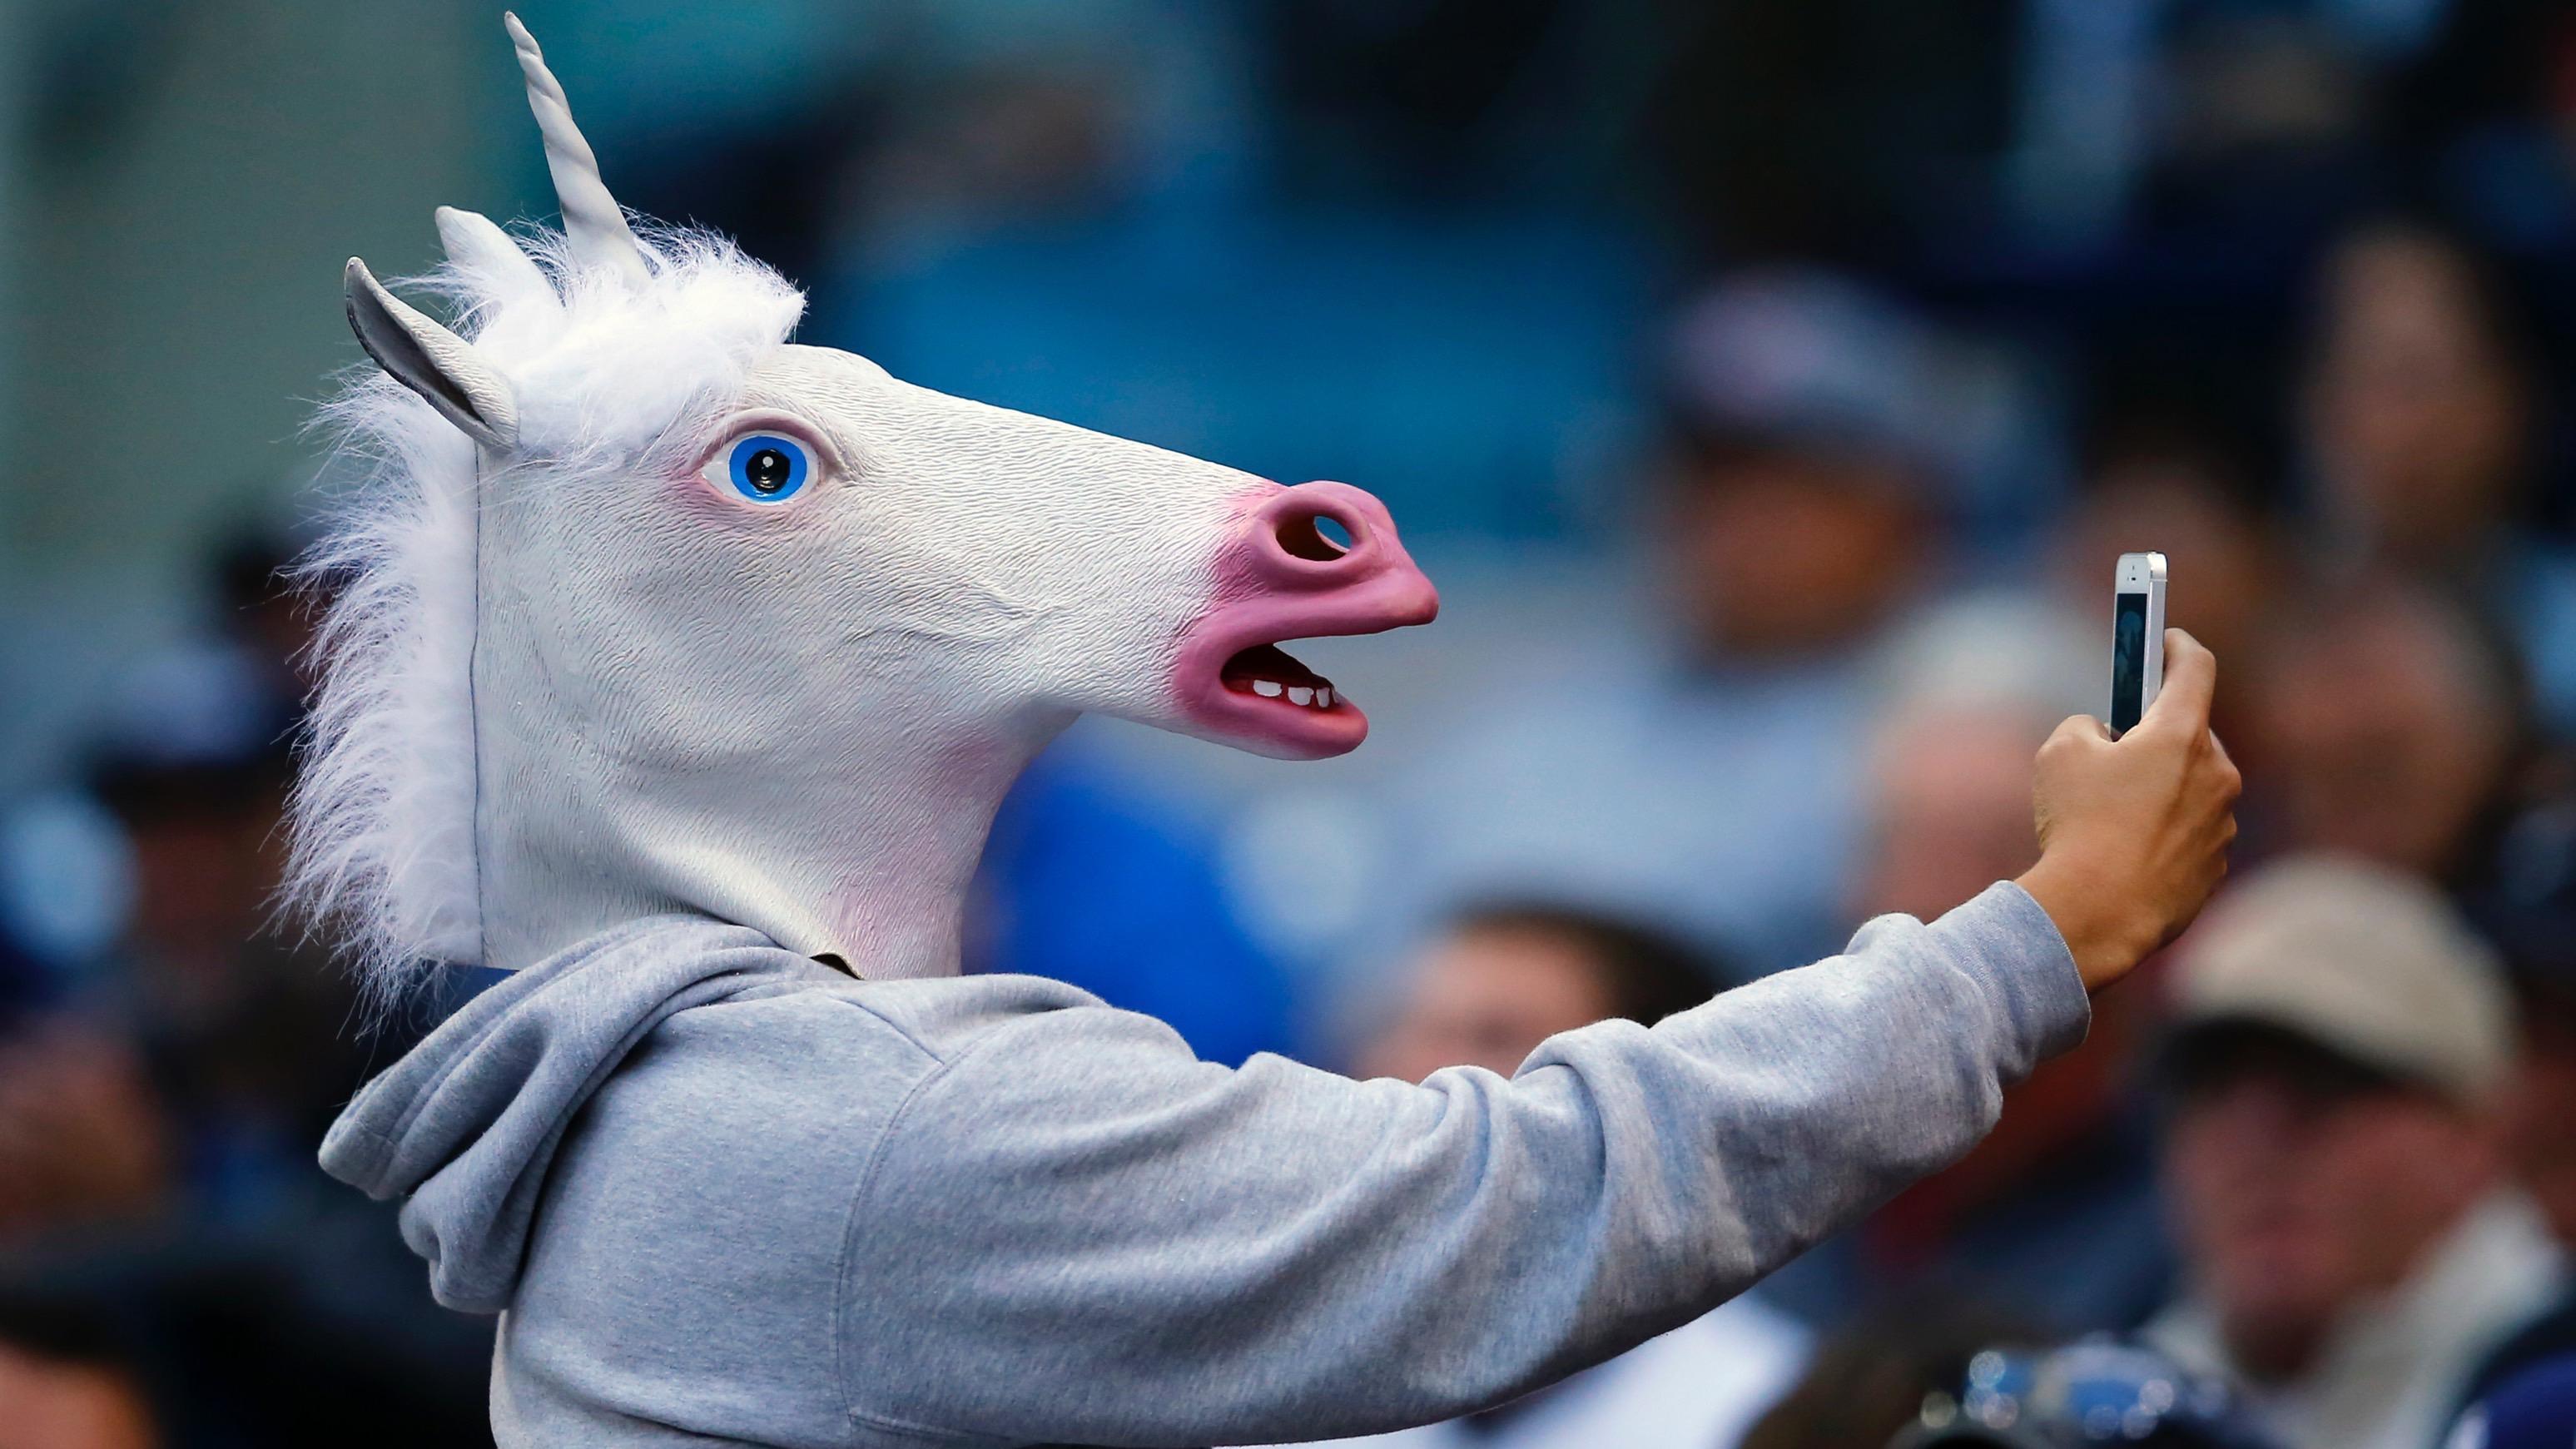 Unicorn mask phone